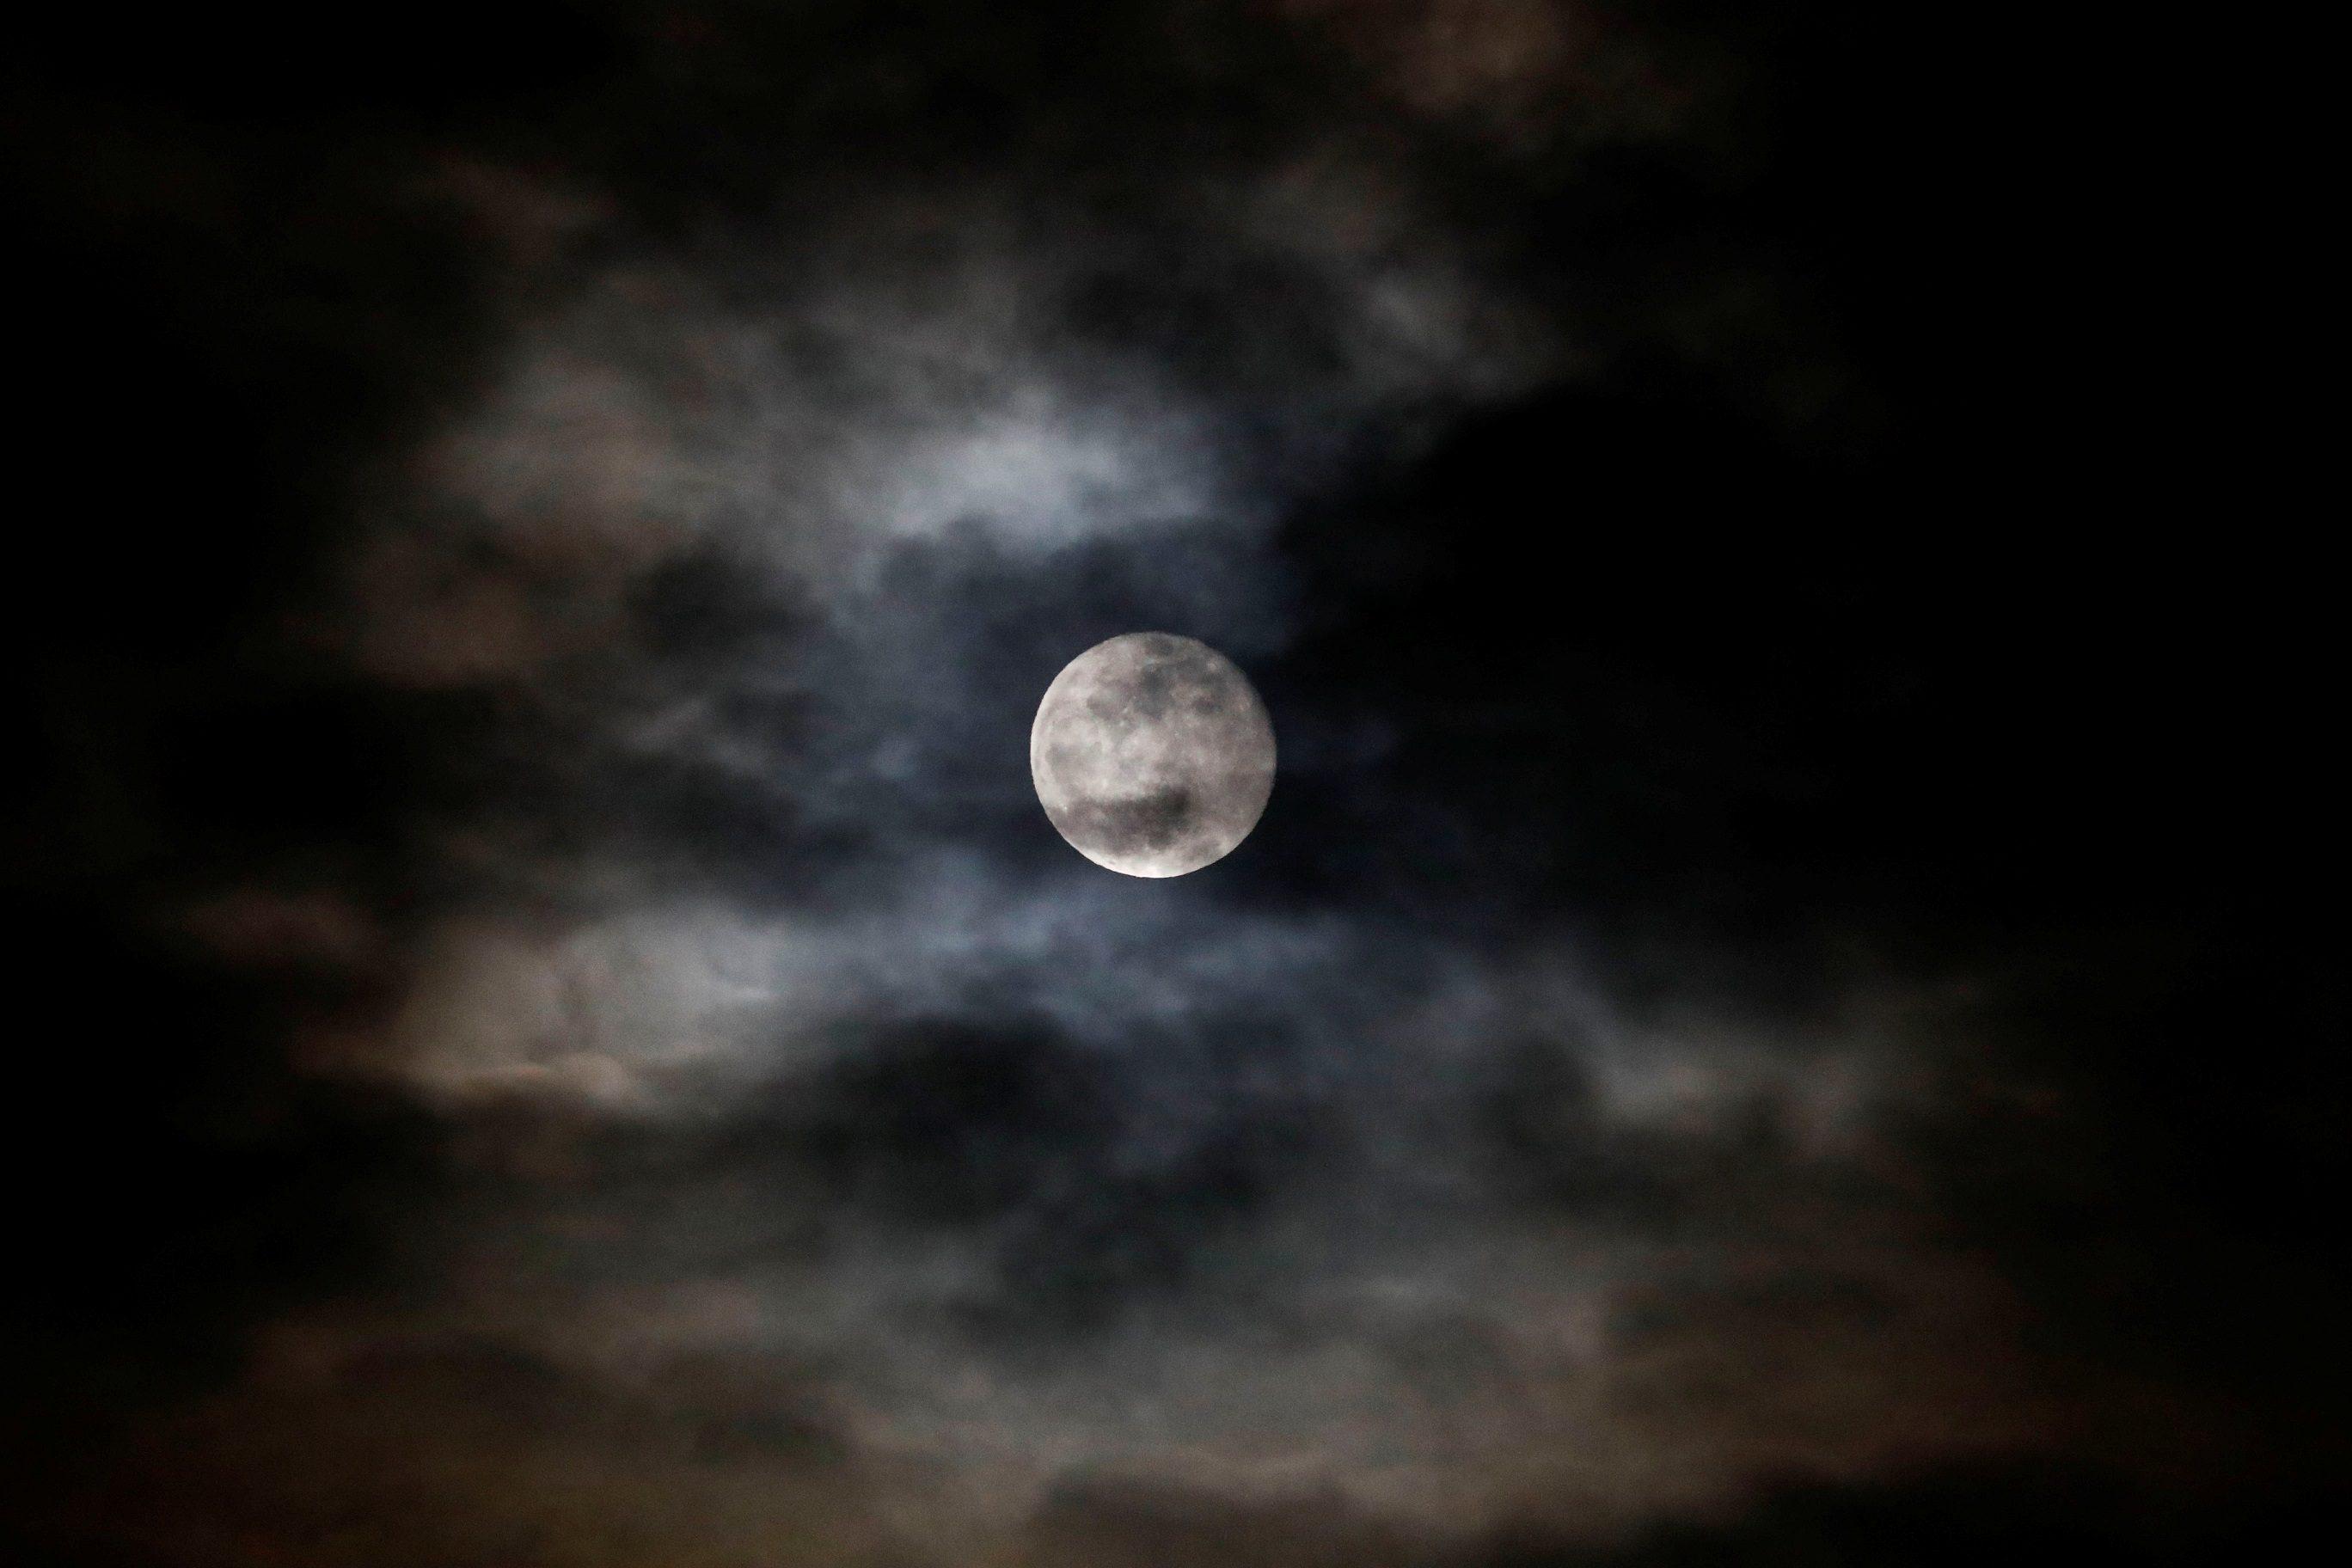 'นาซา'เลือกแล้ว 3 บริษัท สร้างระบบลงจอดบนดวงจันทร์